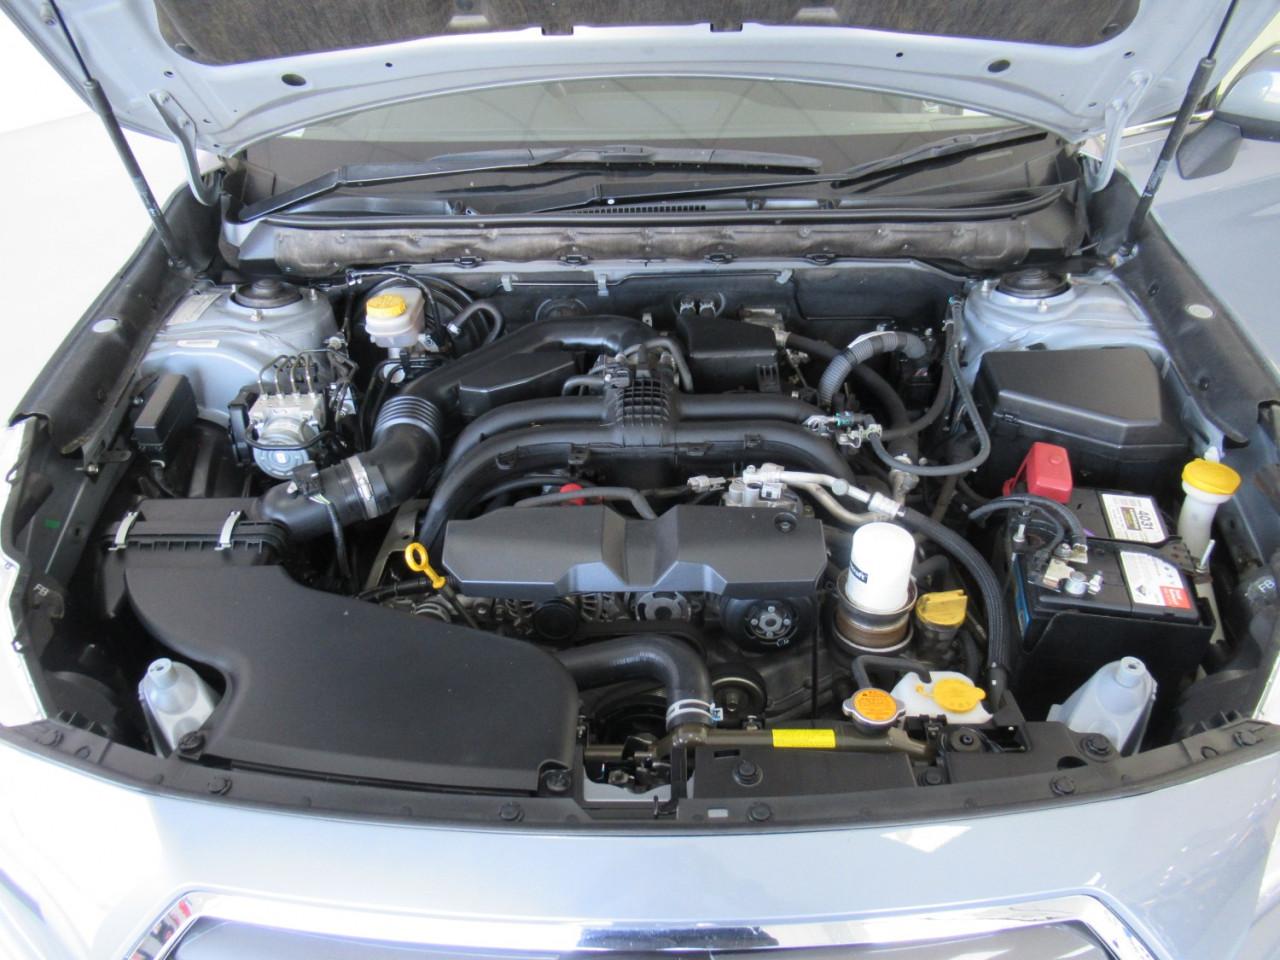 2016 Subaru Liberty 6GEN 2.5i Sedan Image 28